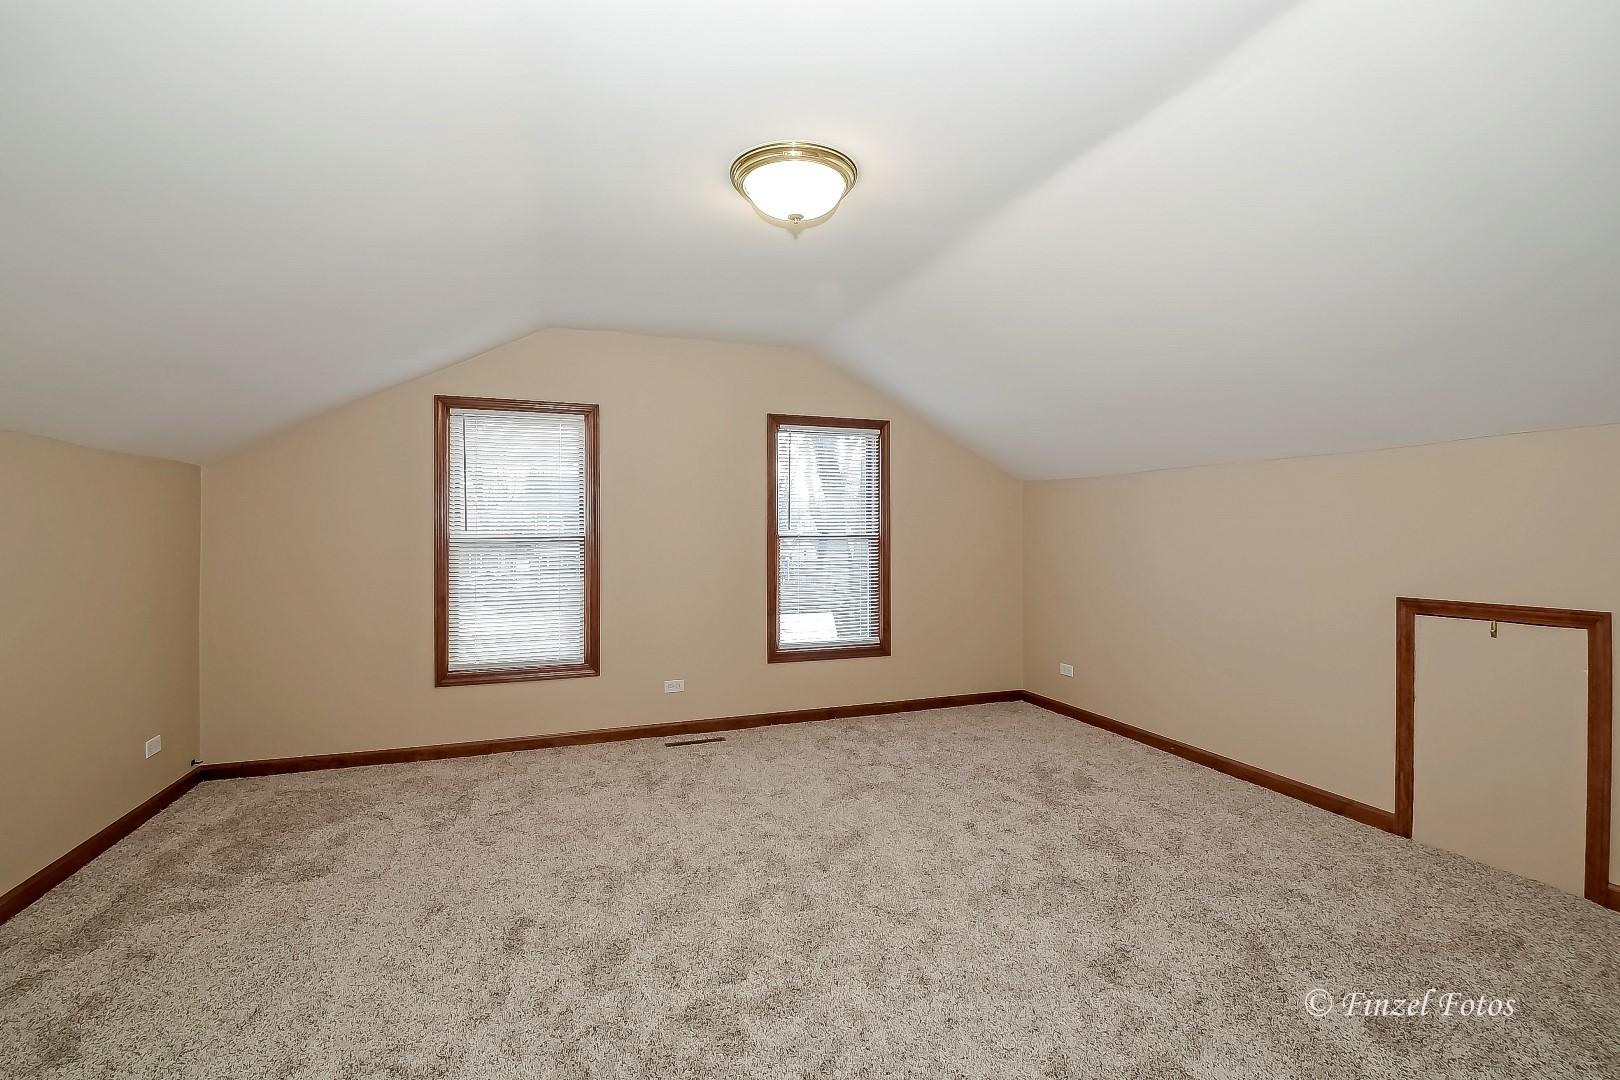 636 East Washington, Marengo, Illinois, 60152